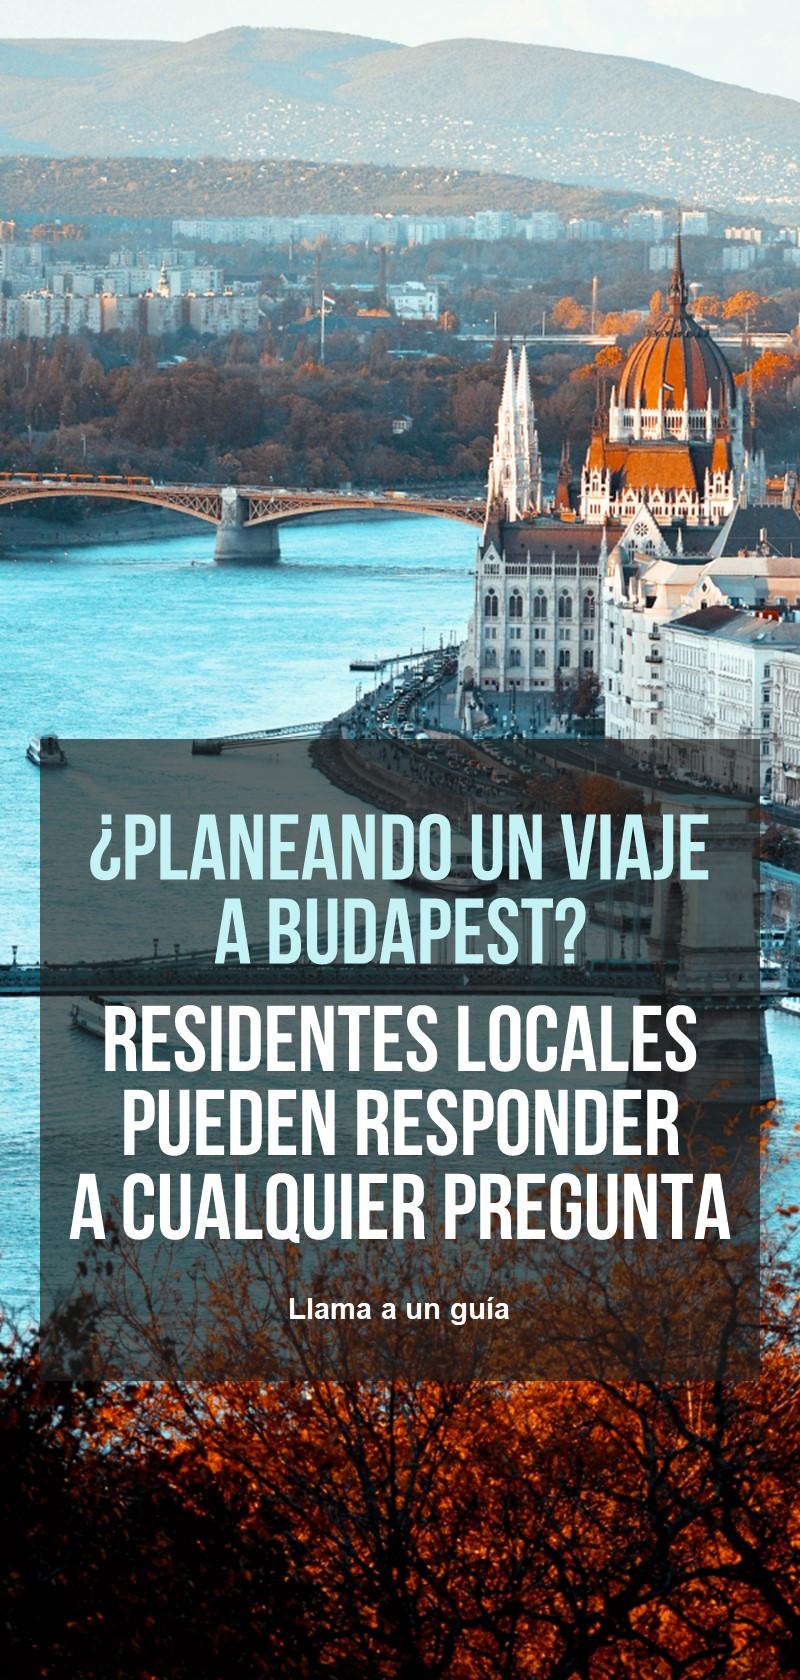 Guías locales en Budapest